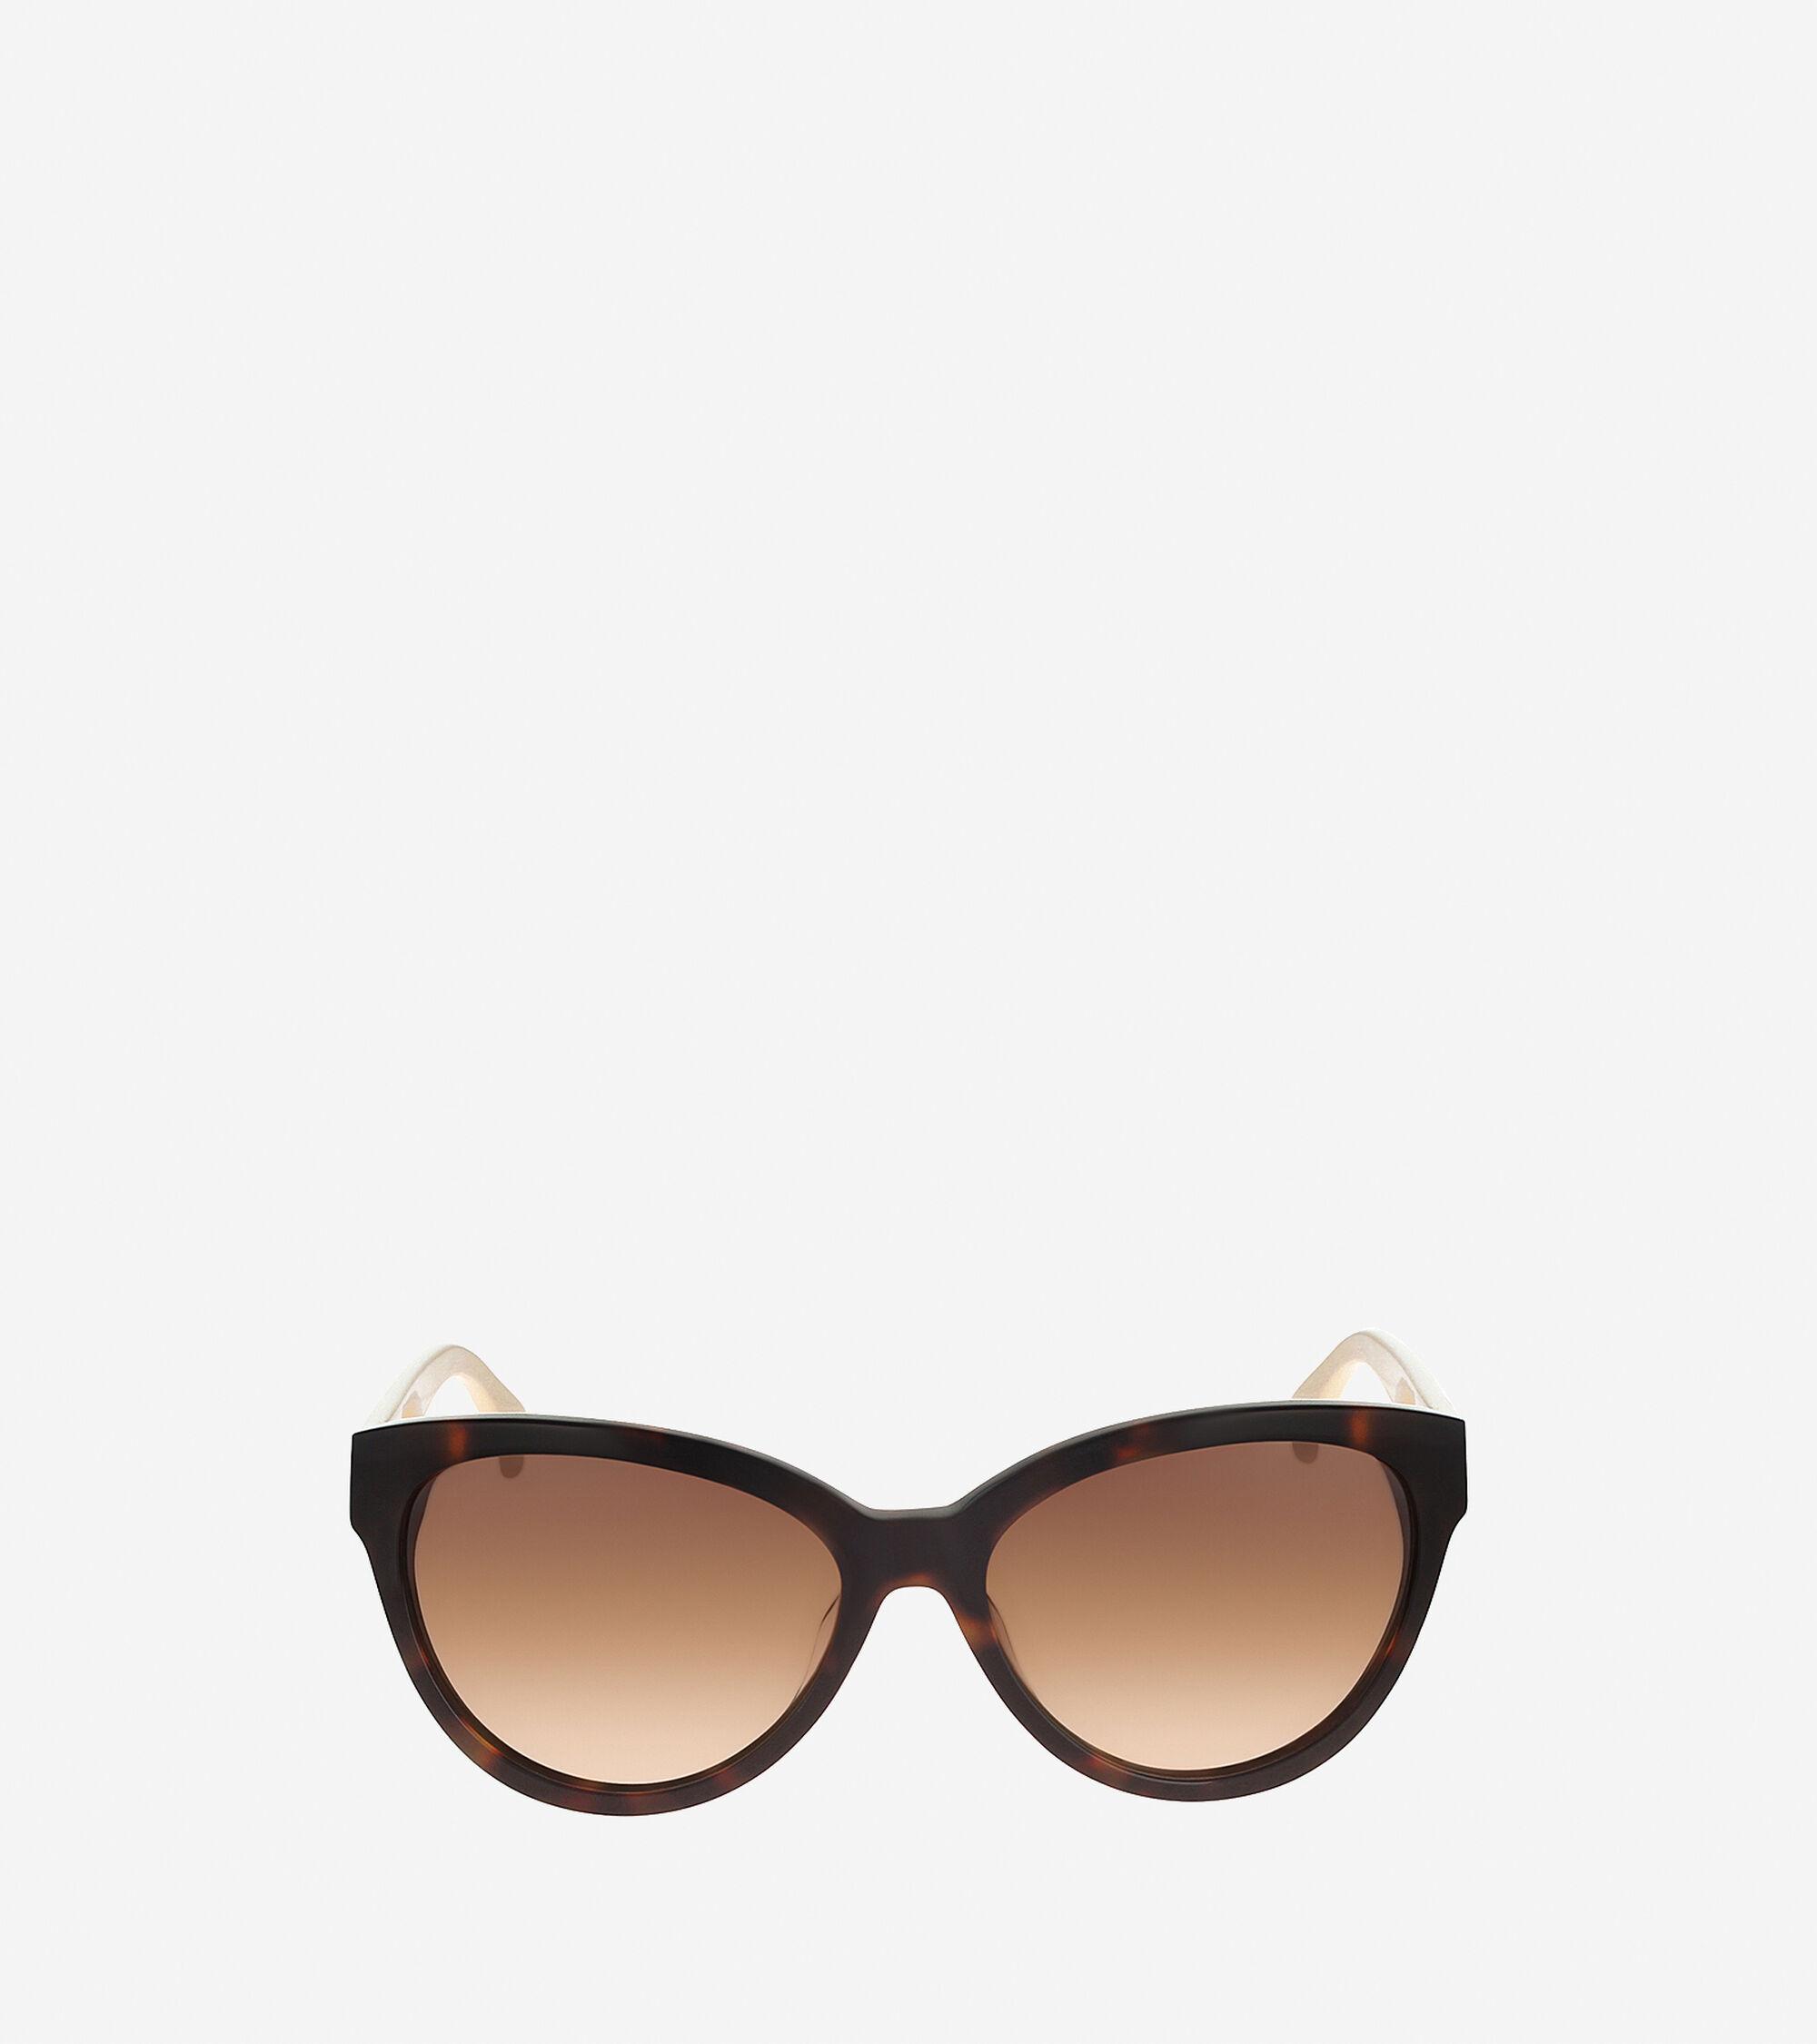 Cole Haan Cat Eye Acetate Sunglasses in Soft Tortoise : ColeHaan.com